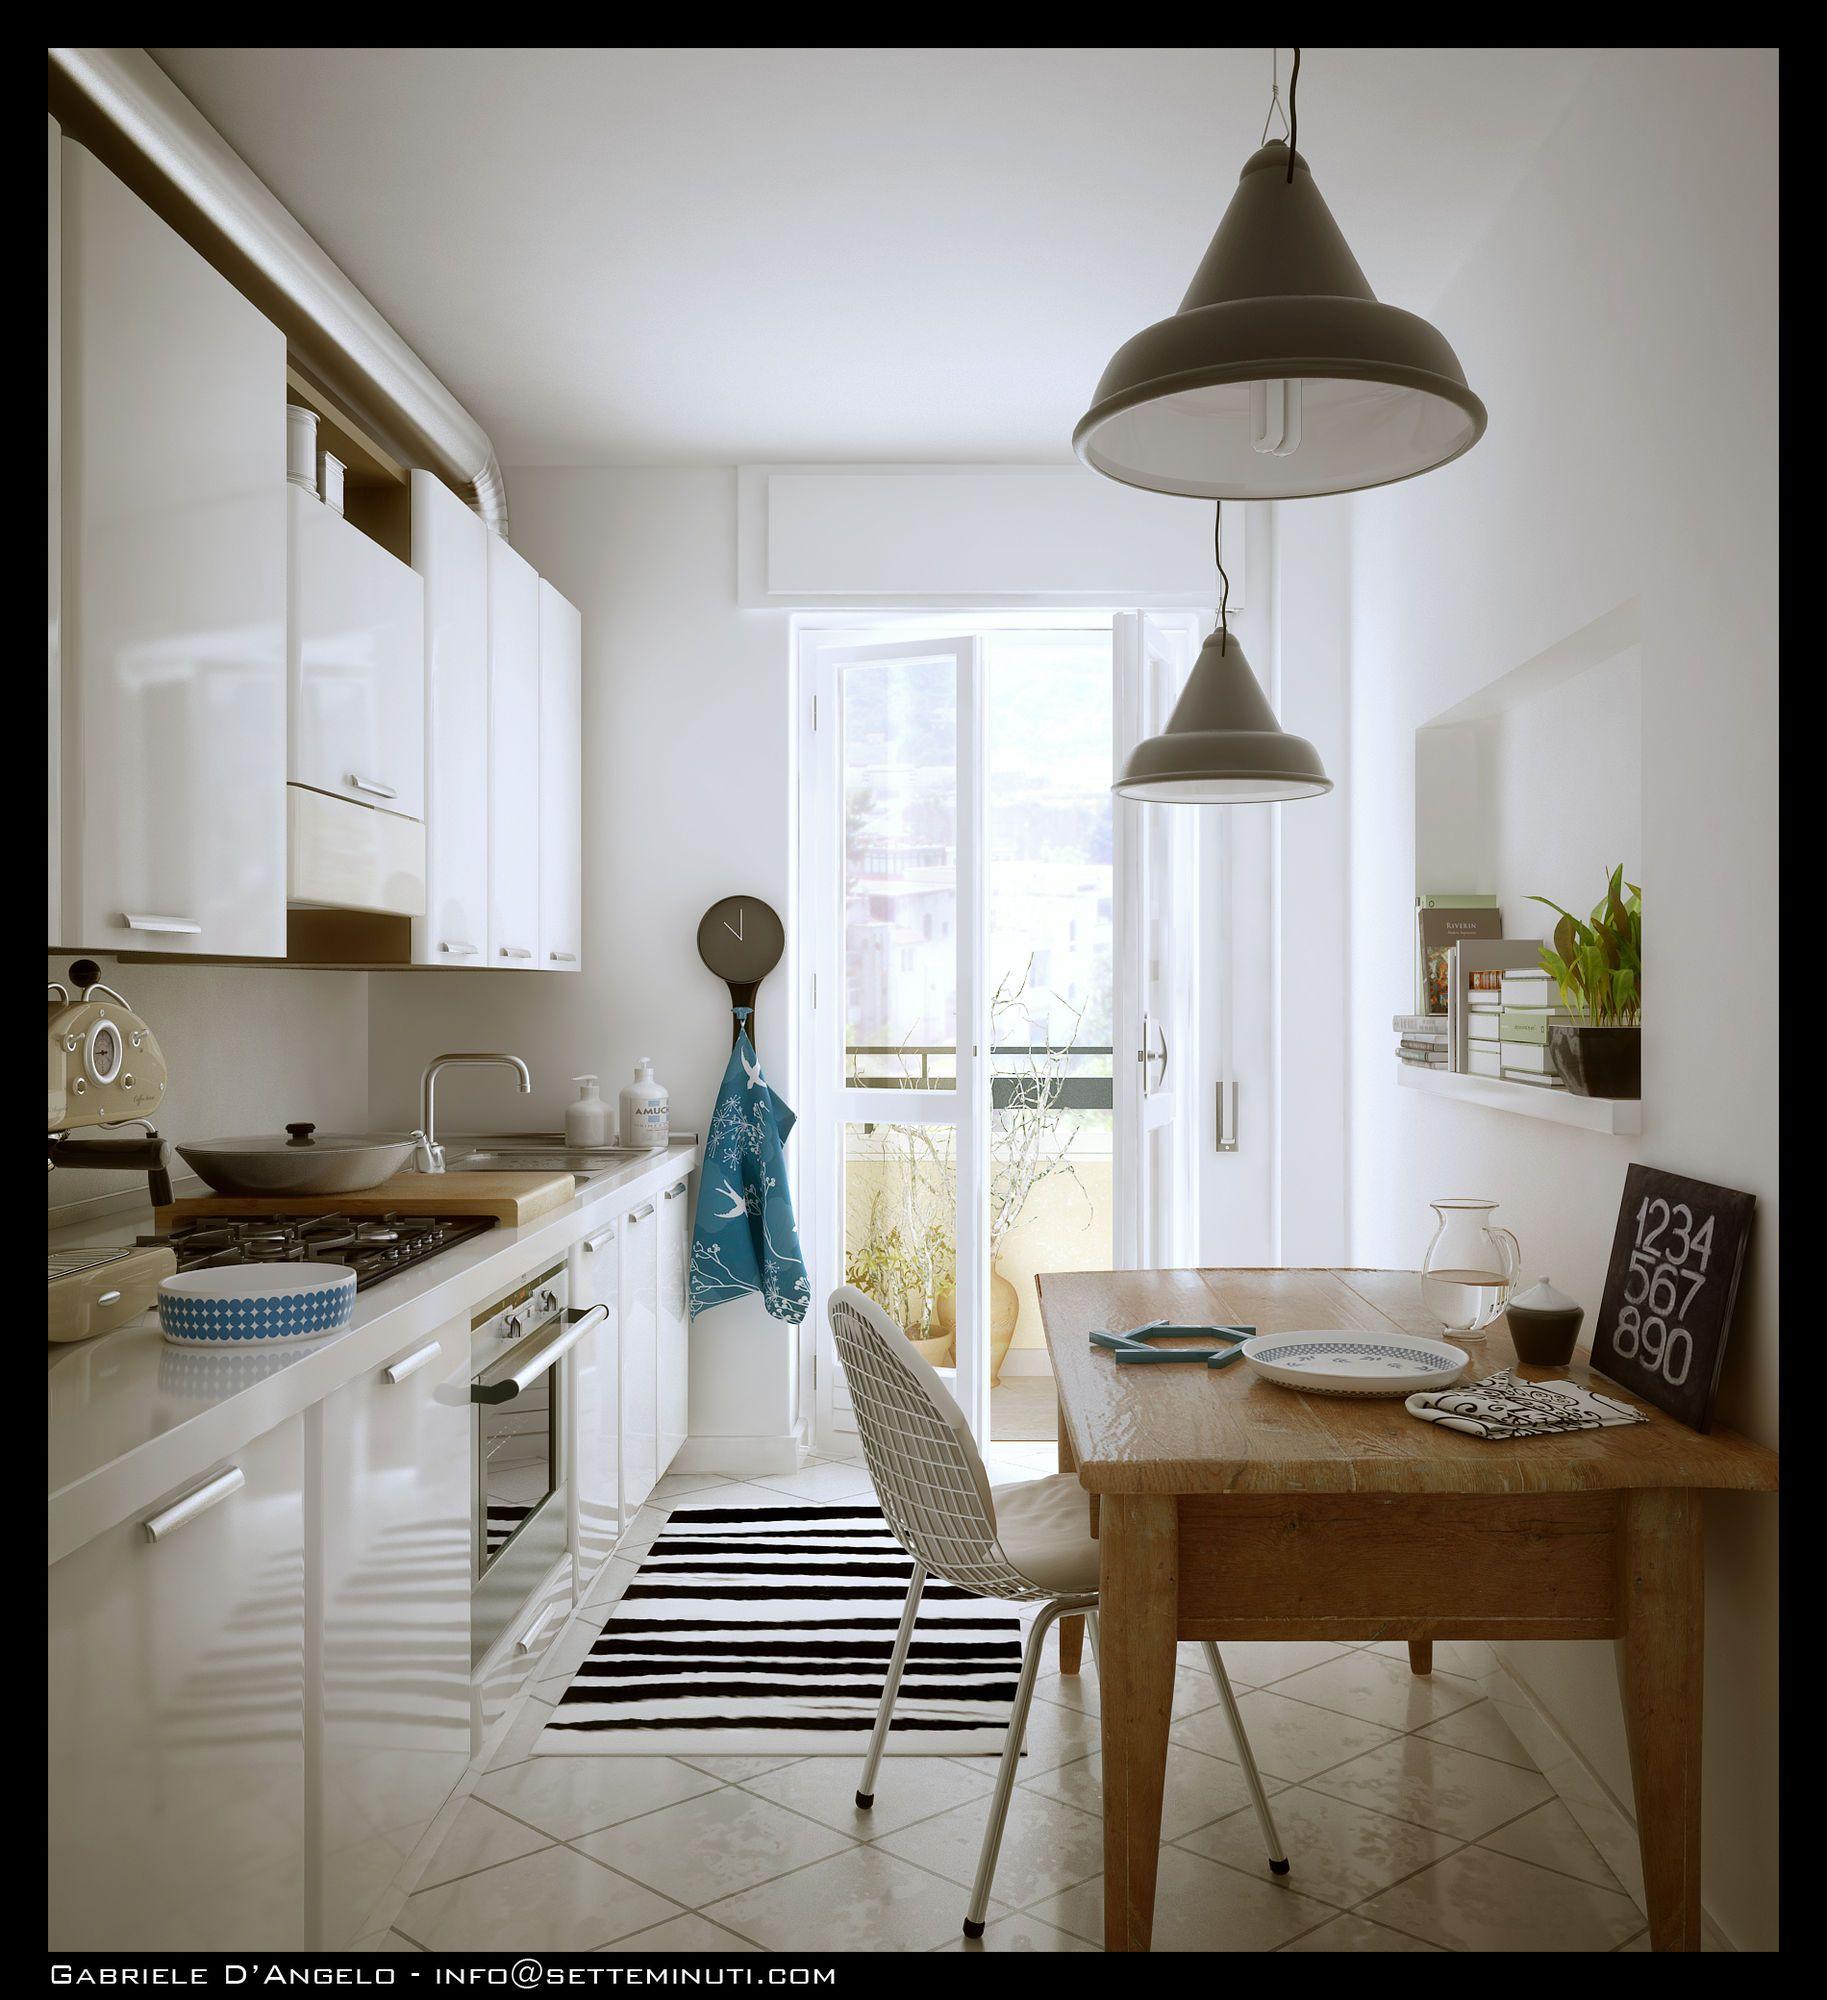 An Ordinary Kitchen Kitchen Design Dining Room Design Kitchen